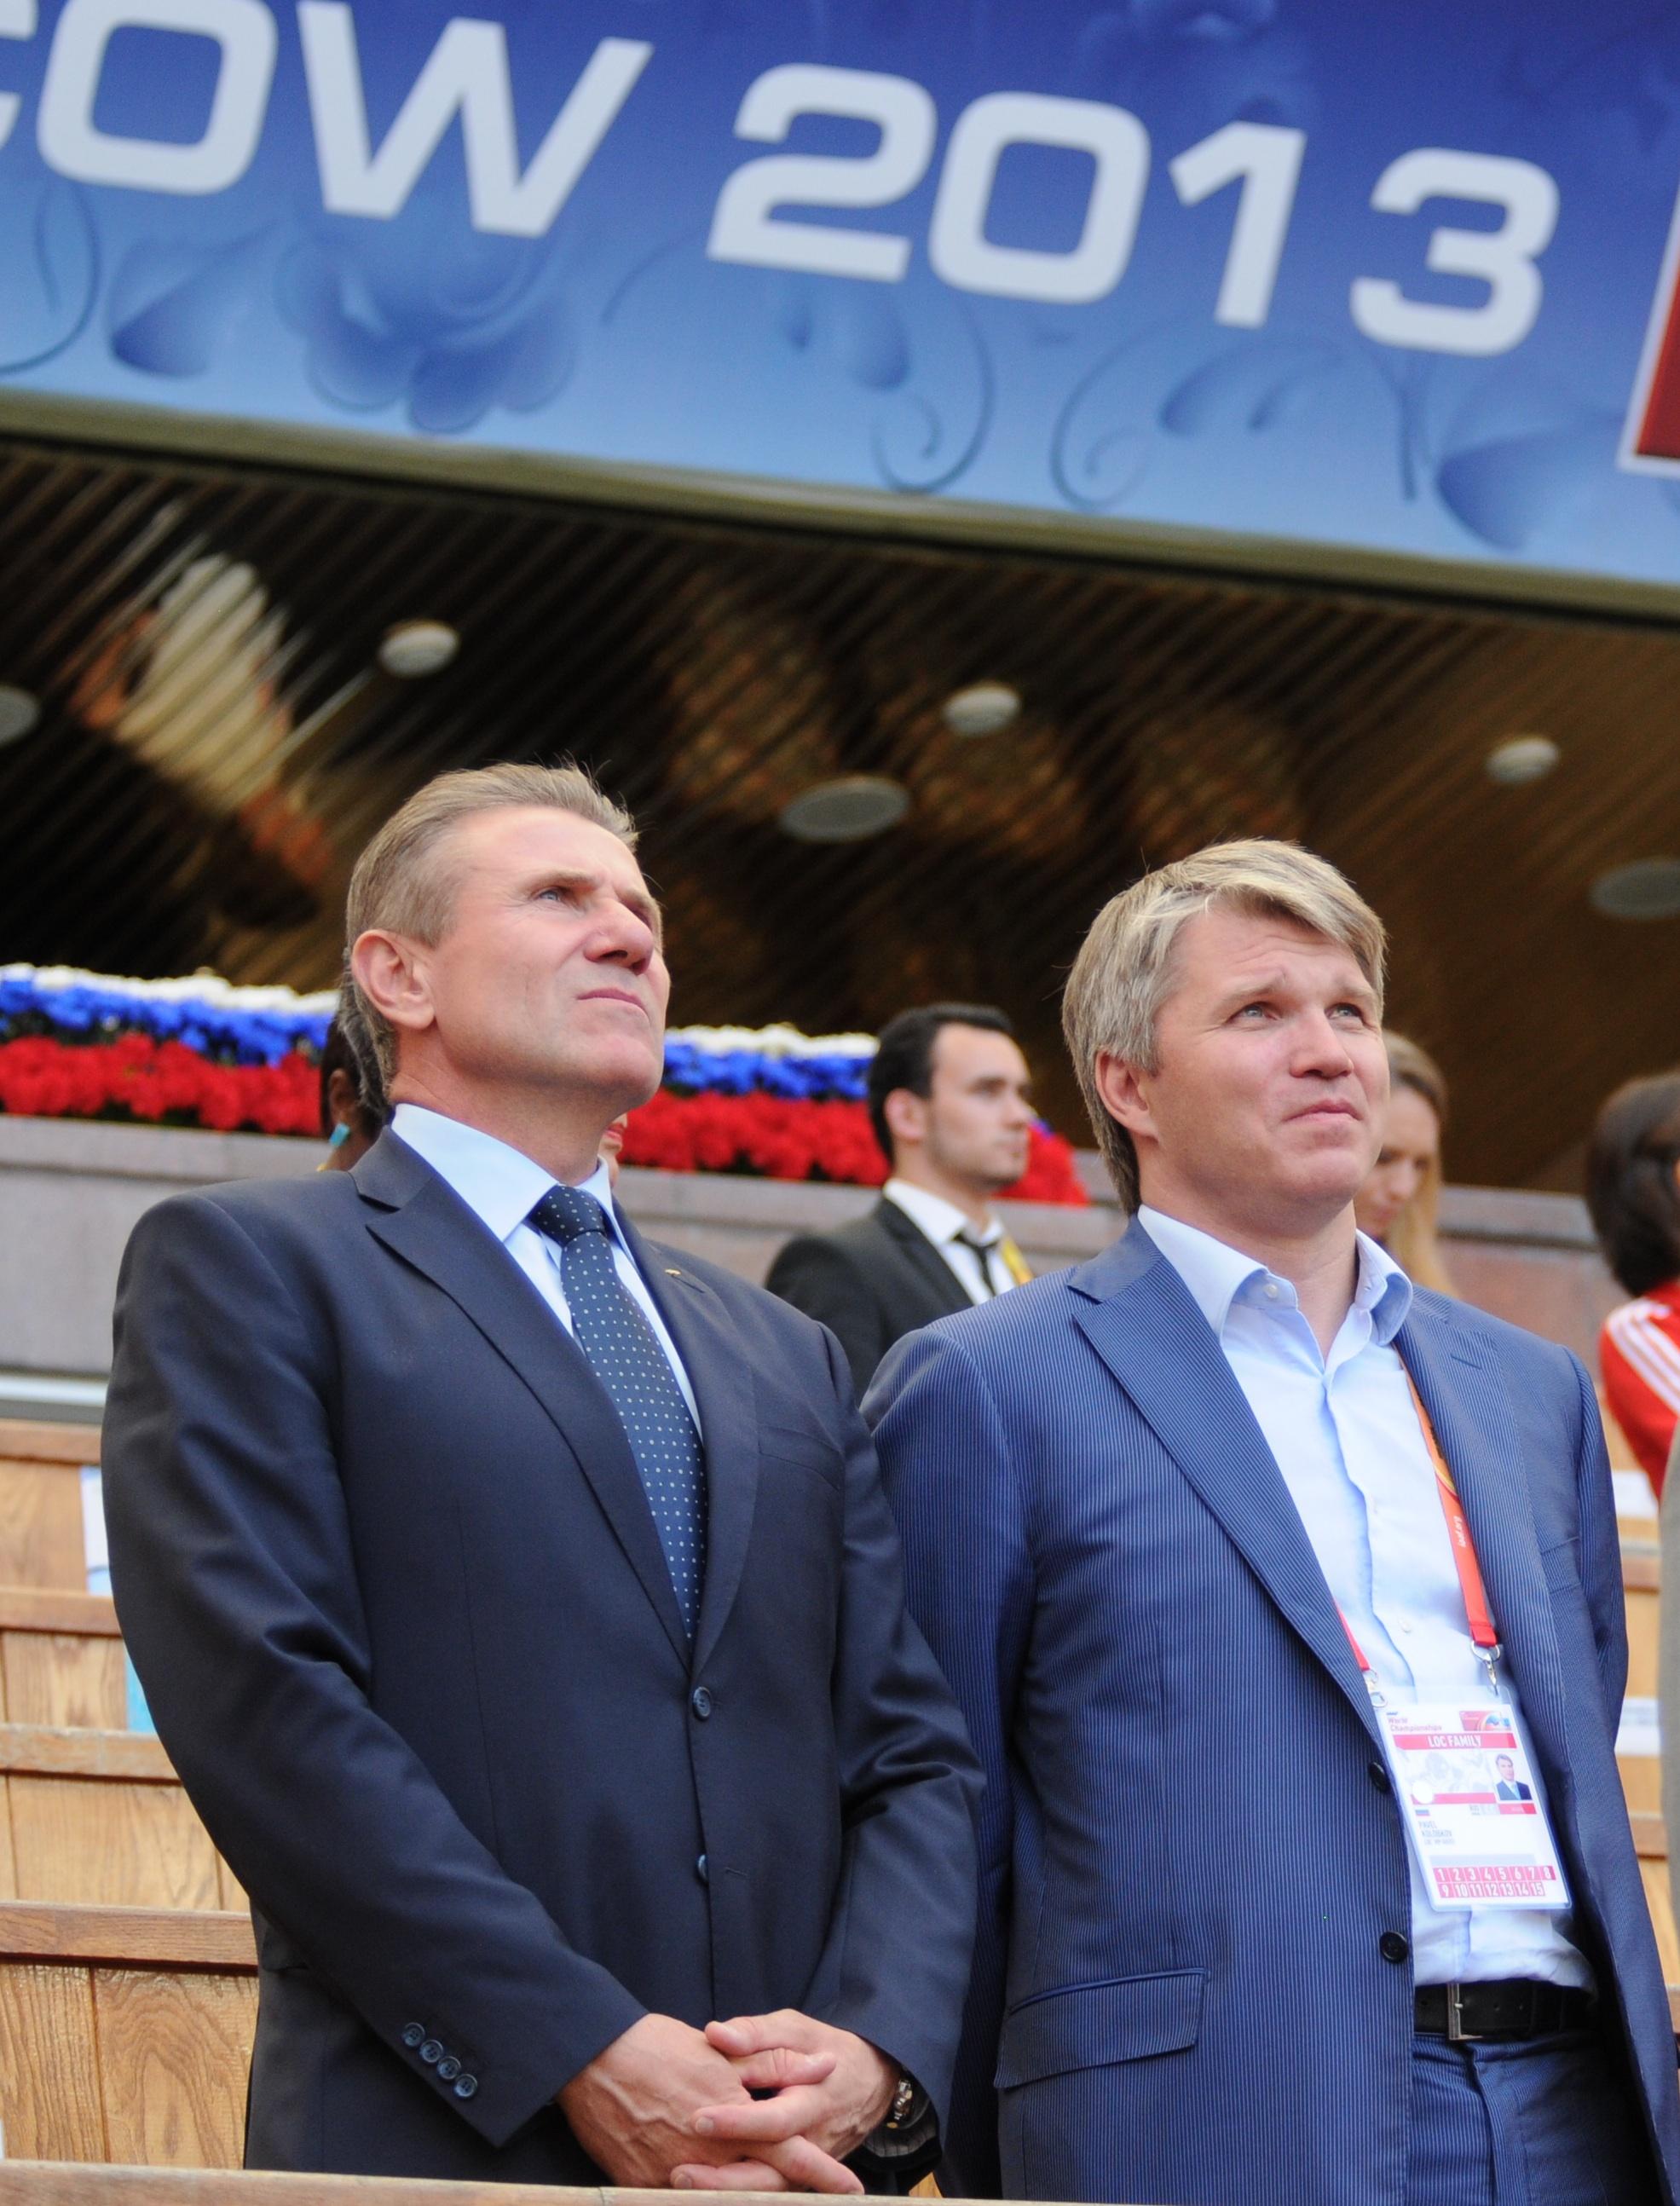 Sergueï Bubka, candidat à la présidence du CIO en compagnie de Pavel Anatolievitch Kolobkov escrimeur russe médaillé d'or au J.O de Sydney en 2000